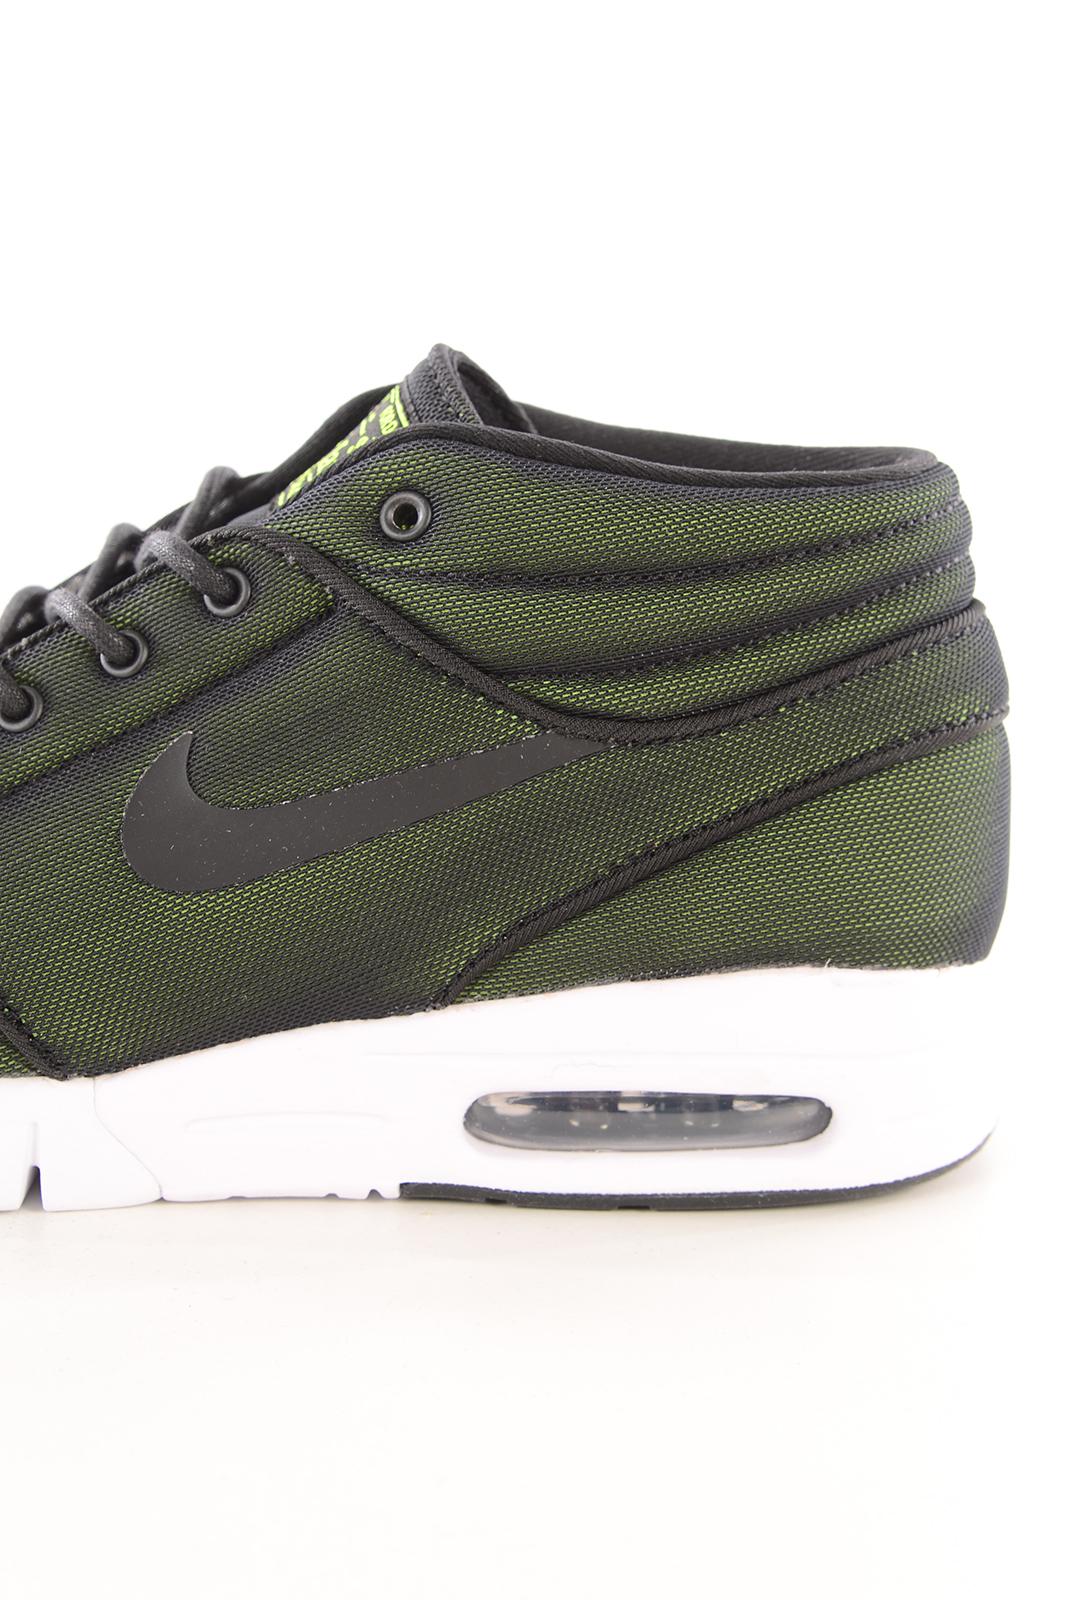 Chaussures   Nike 807507 STEFAN JANOSKI 007 NOIR VERT